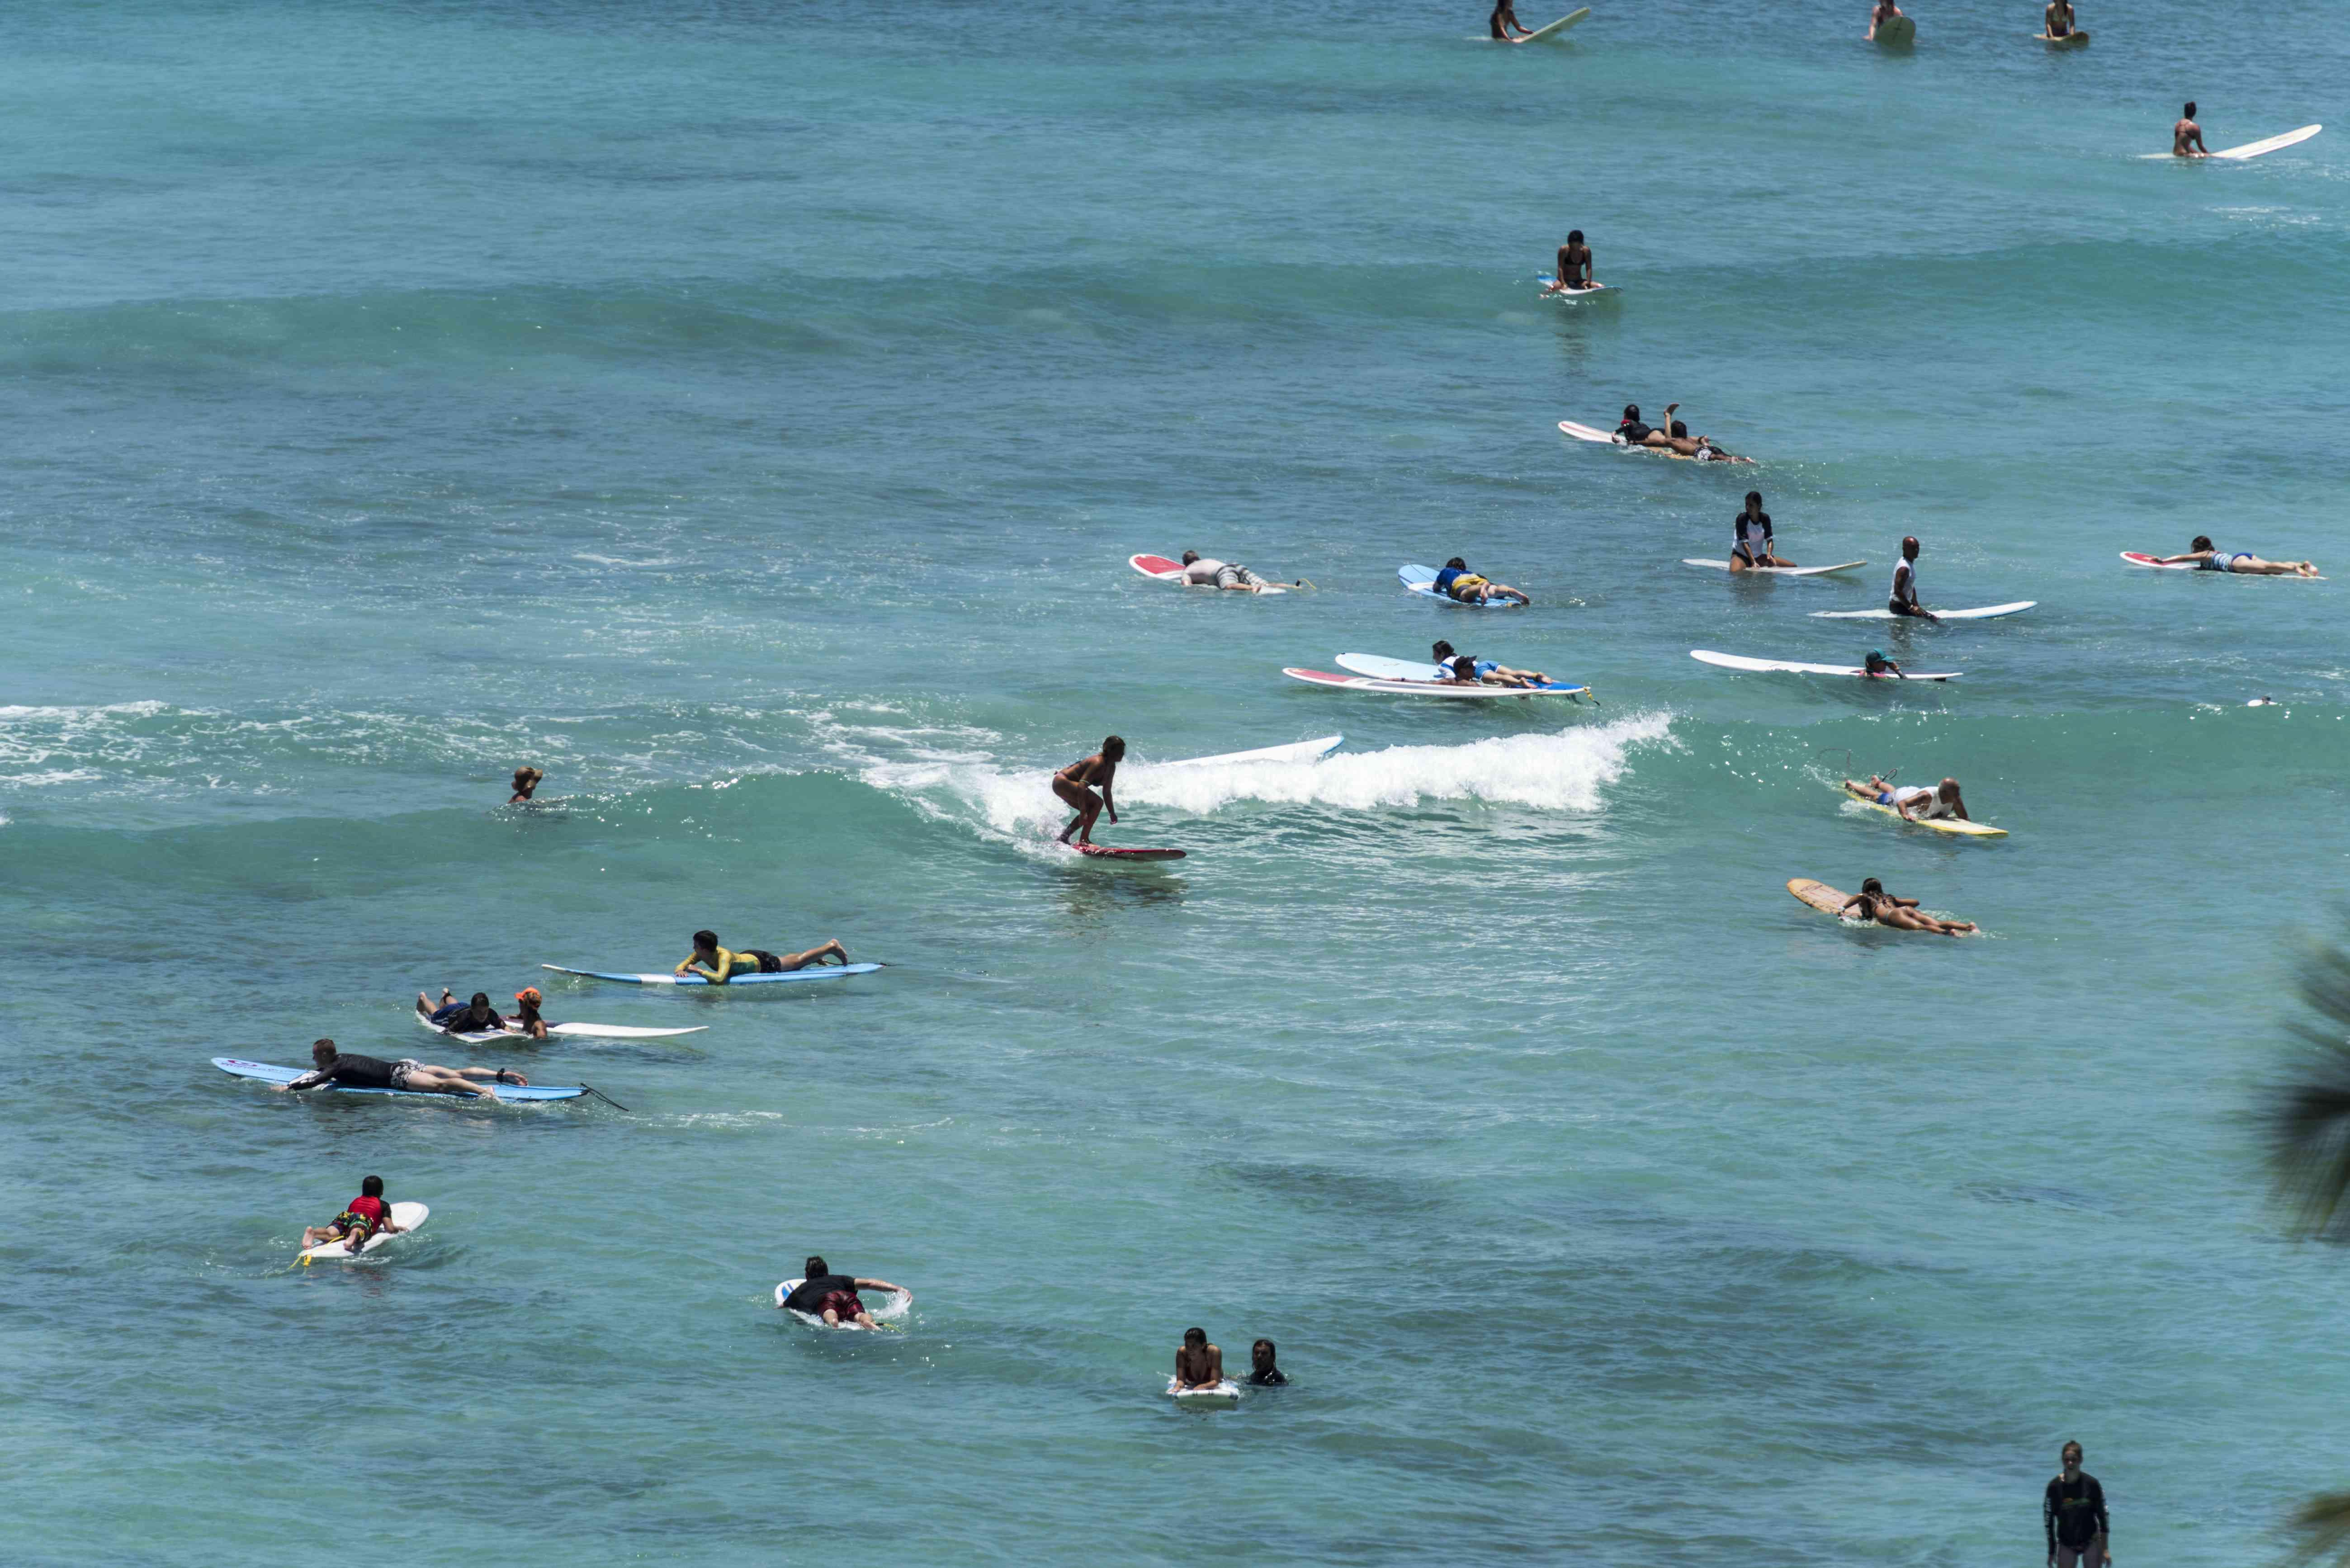 Surfing on Waikiki Beach